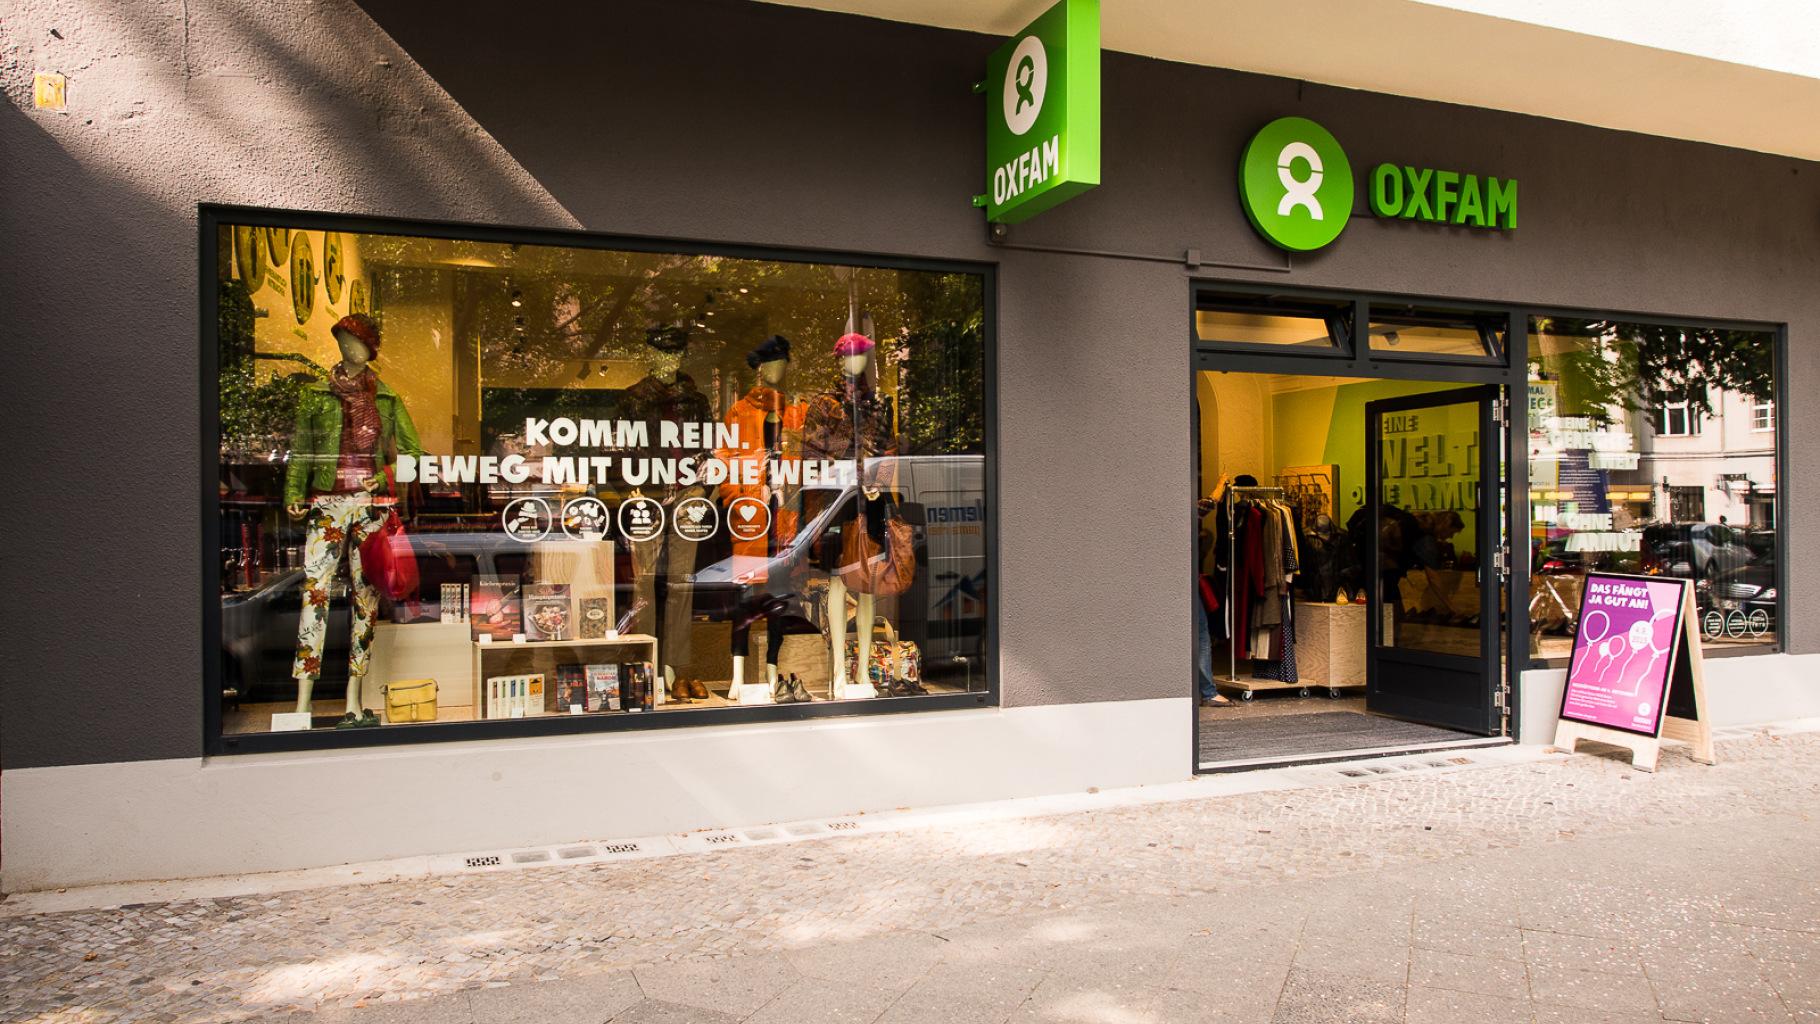 Oxfam MOVE Berlin - Außenansicht